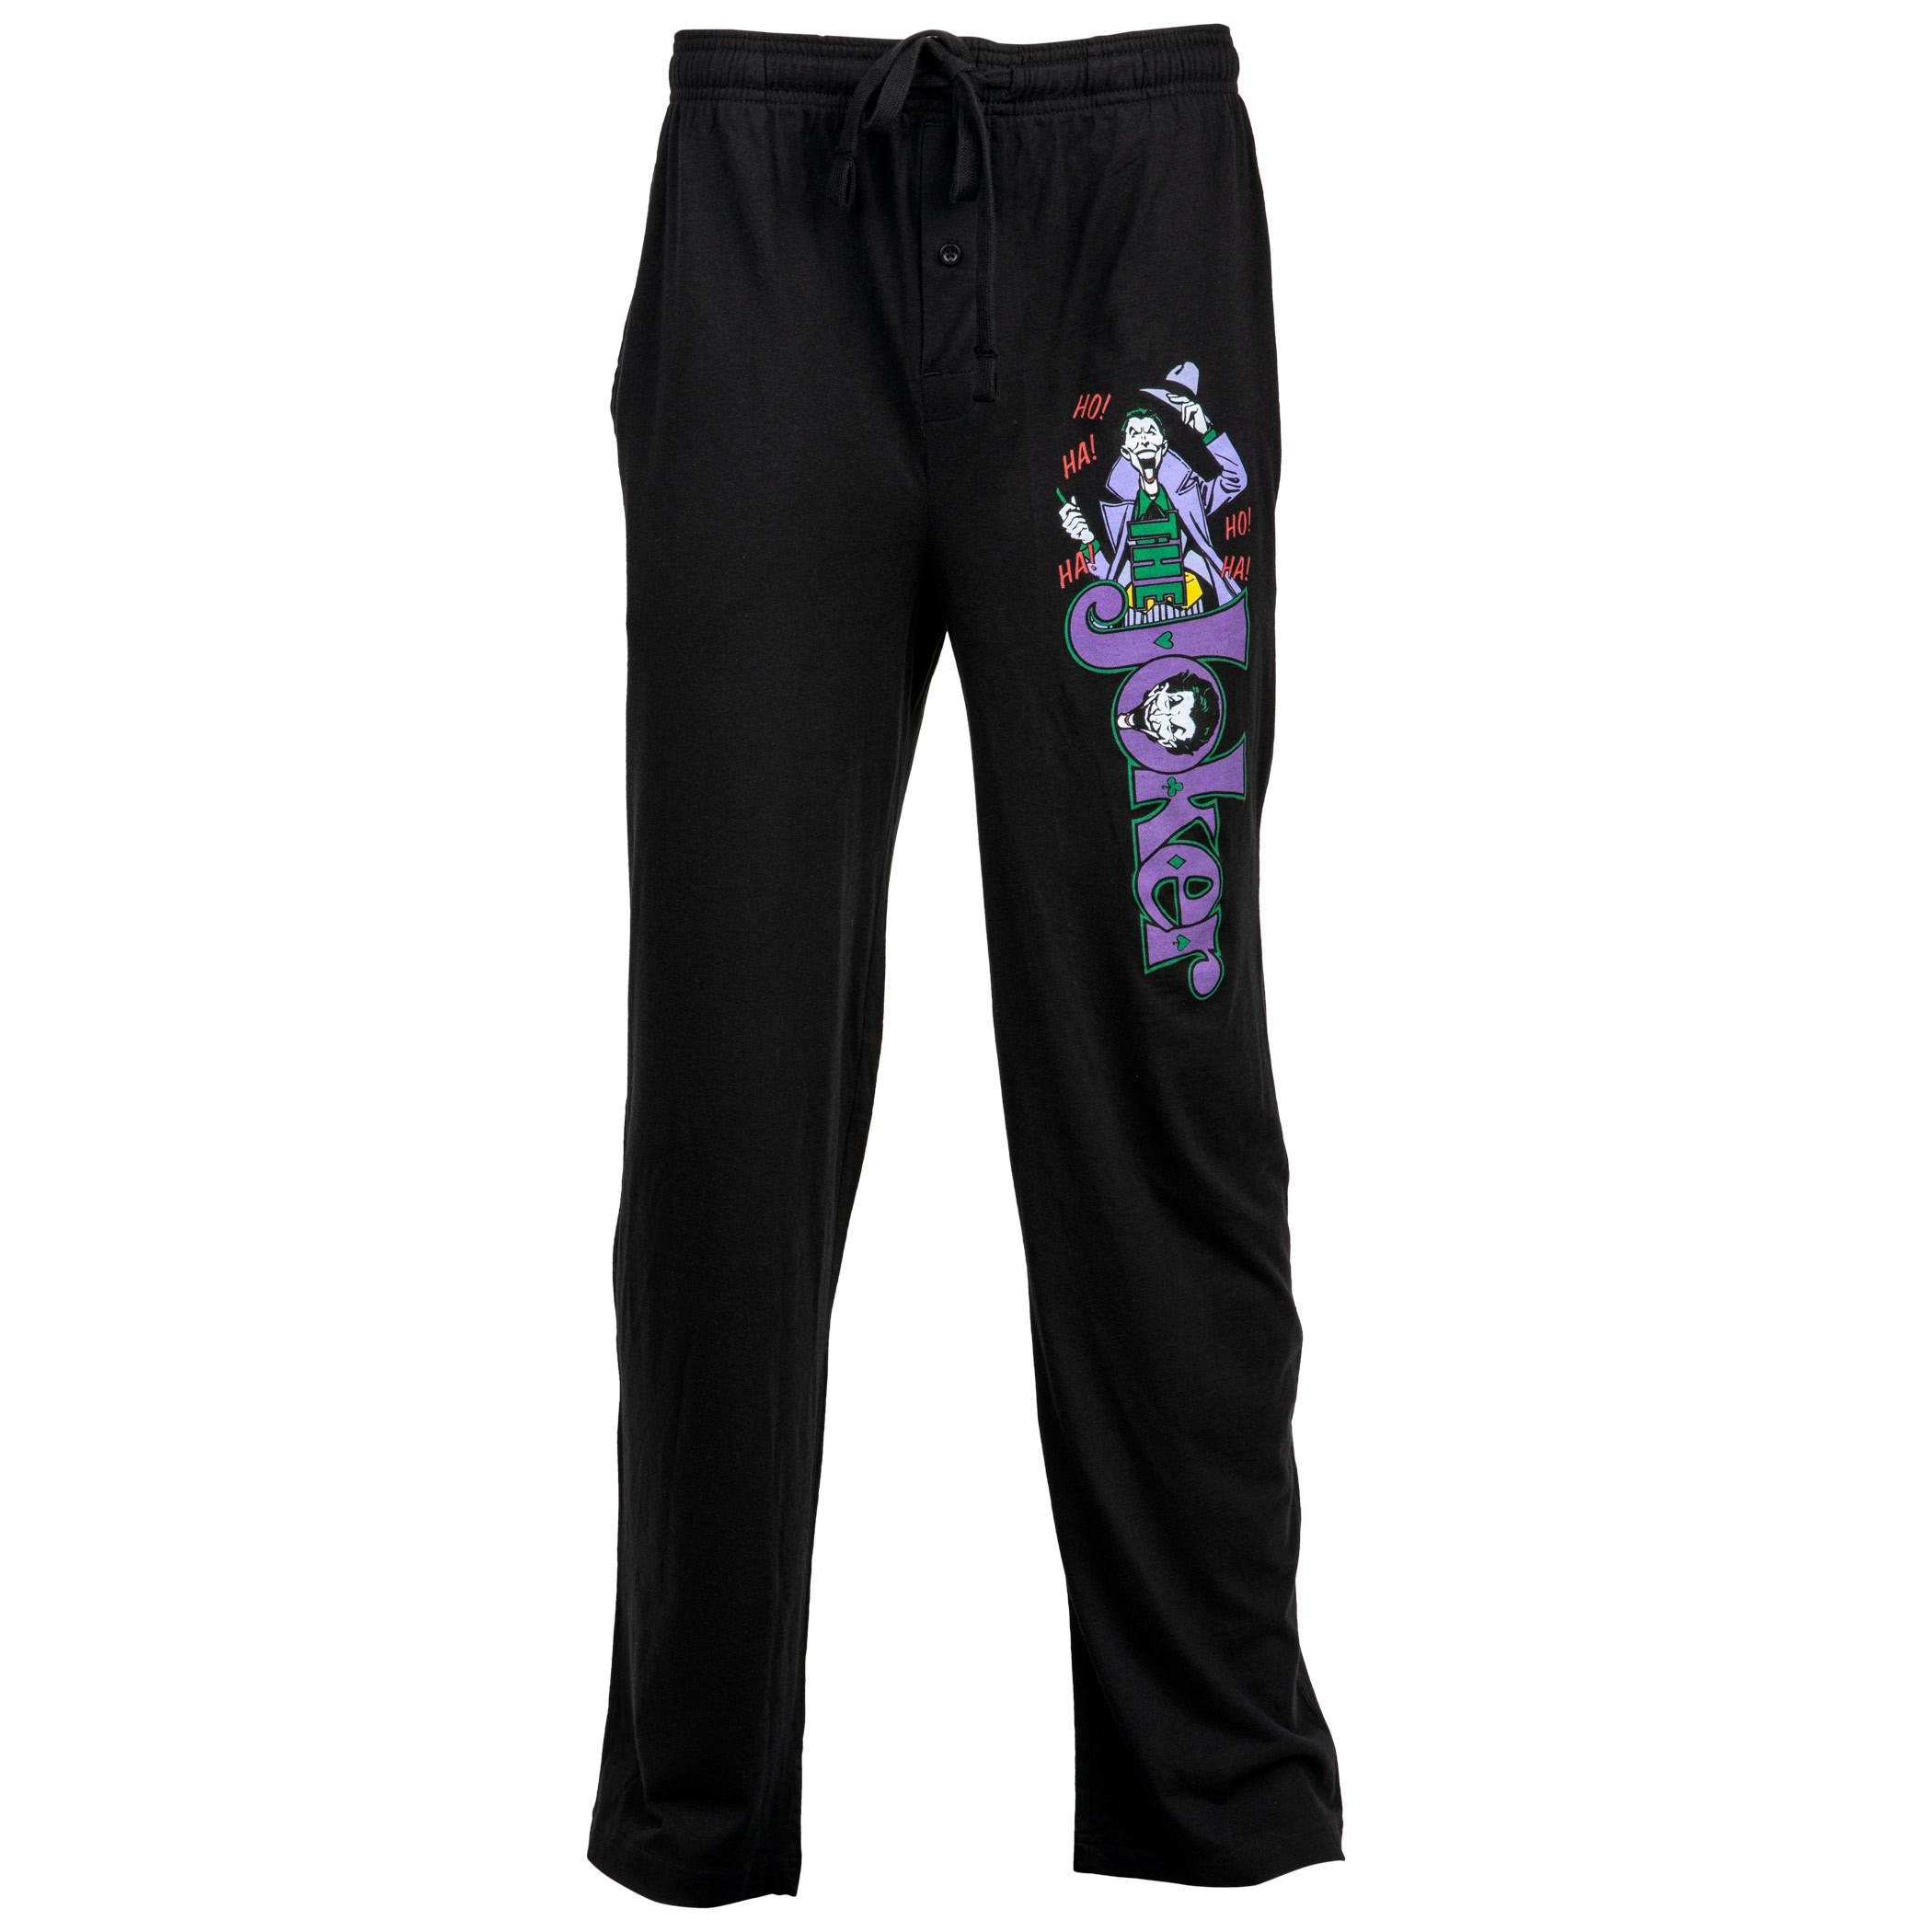 The Joker Character Over Text Unisex Sleep Pants